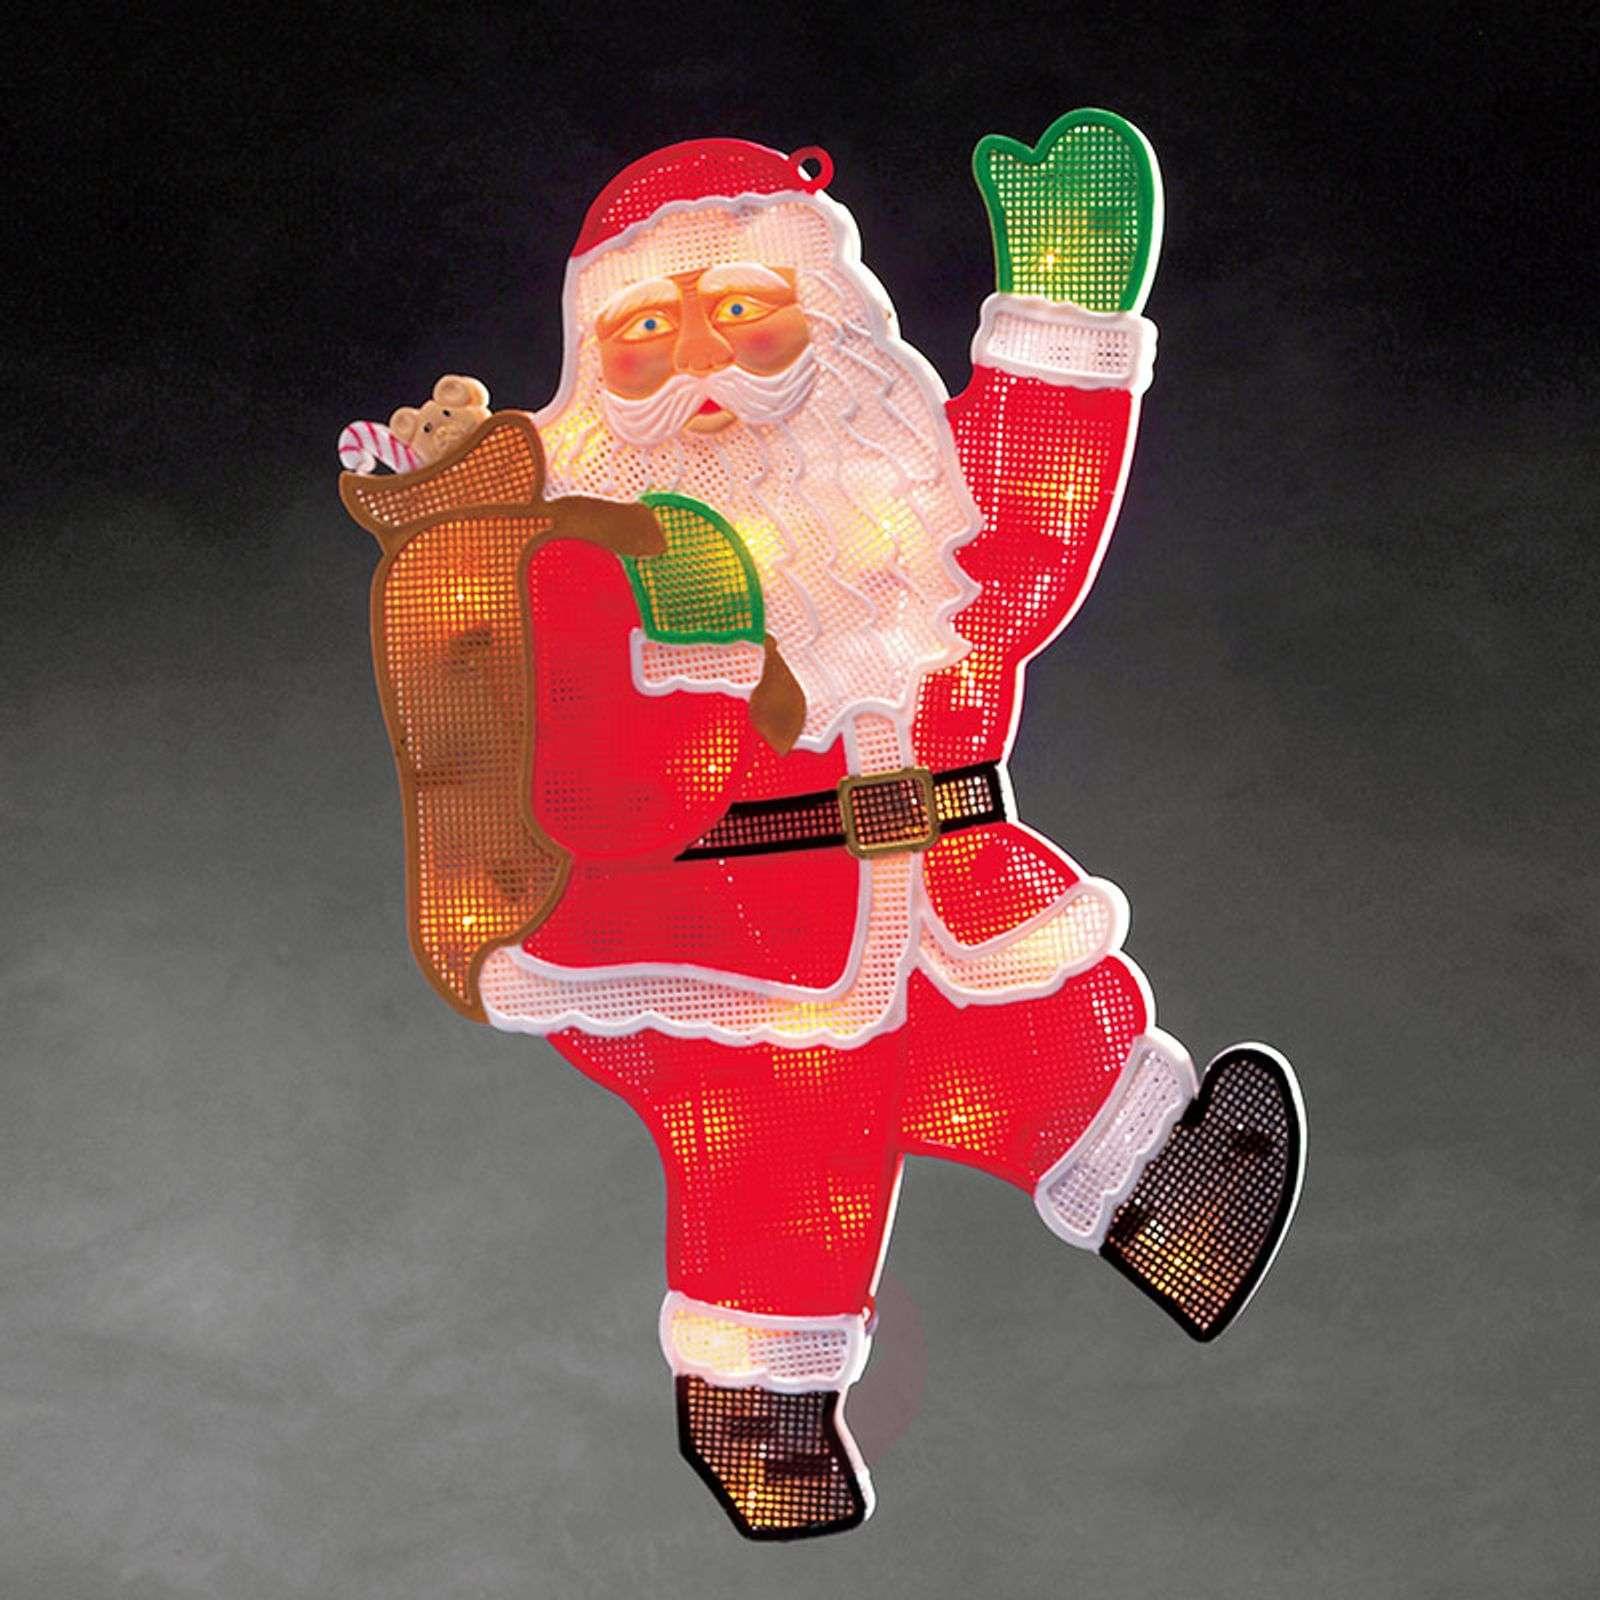 Ikkunakuva joulupukki + LED 20-lamppuinen-5524844-01